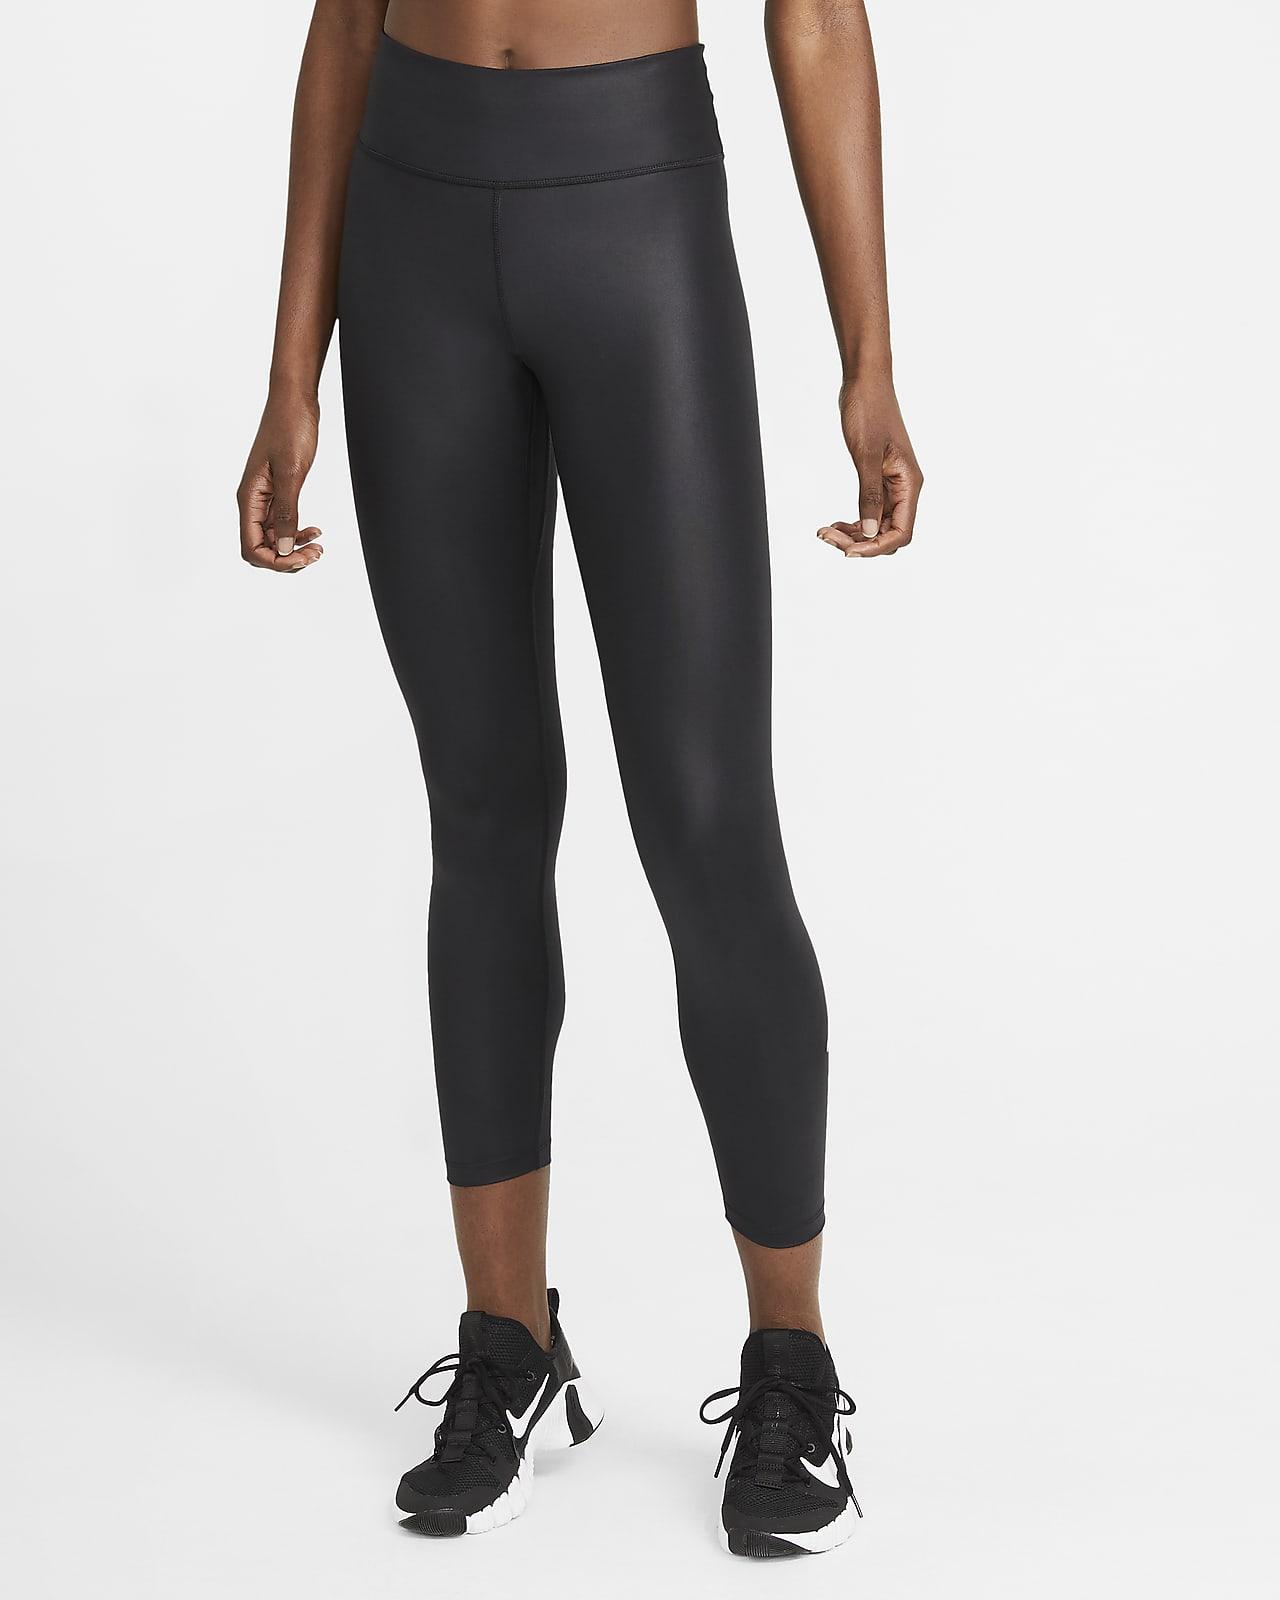 Nike One Women's Mid-Rise 7/8 Leggings